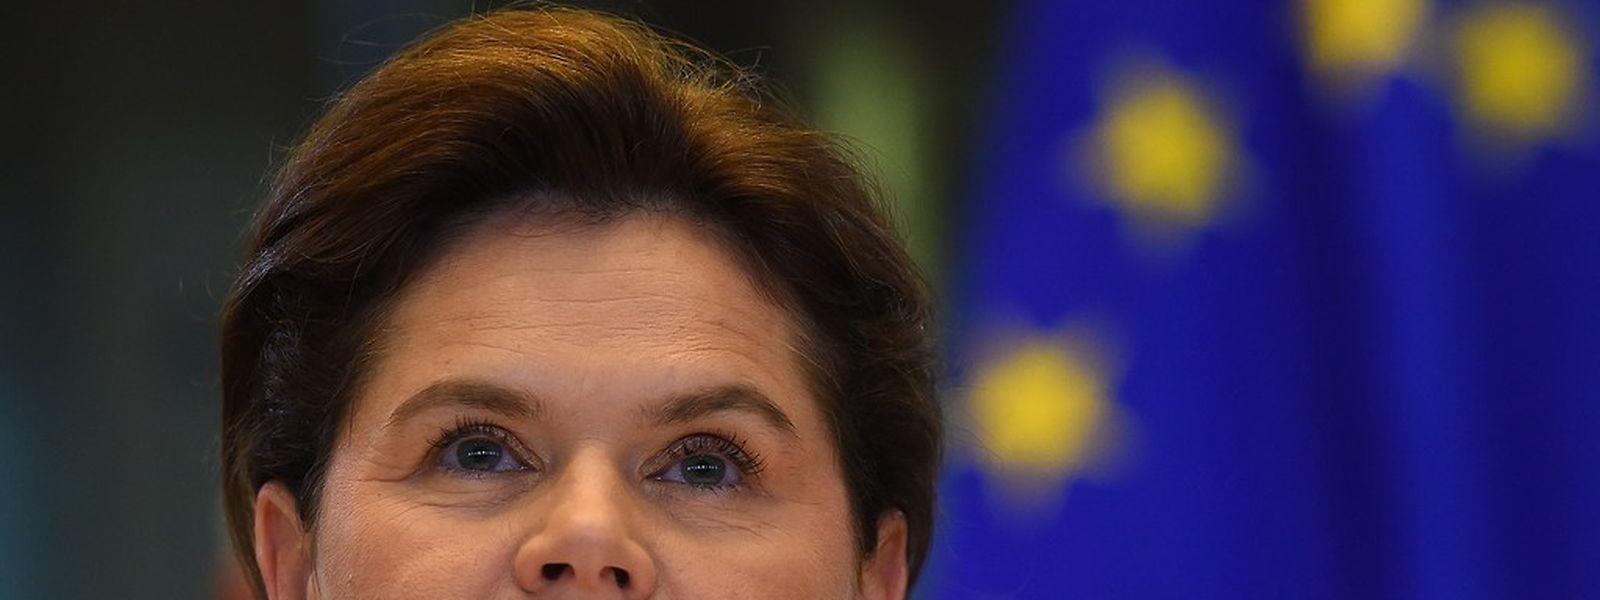 Alenka Bratusek hatte vor den Parlamentariern einen schwachen Auftritt. Ihr wird zudem vorgeworfen, sich selbst nominiert zu haben.